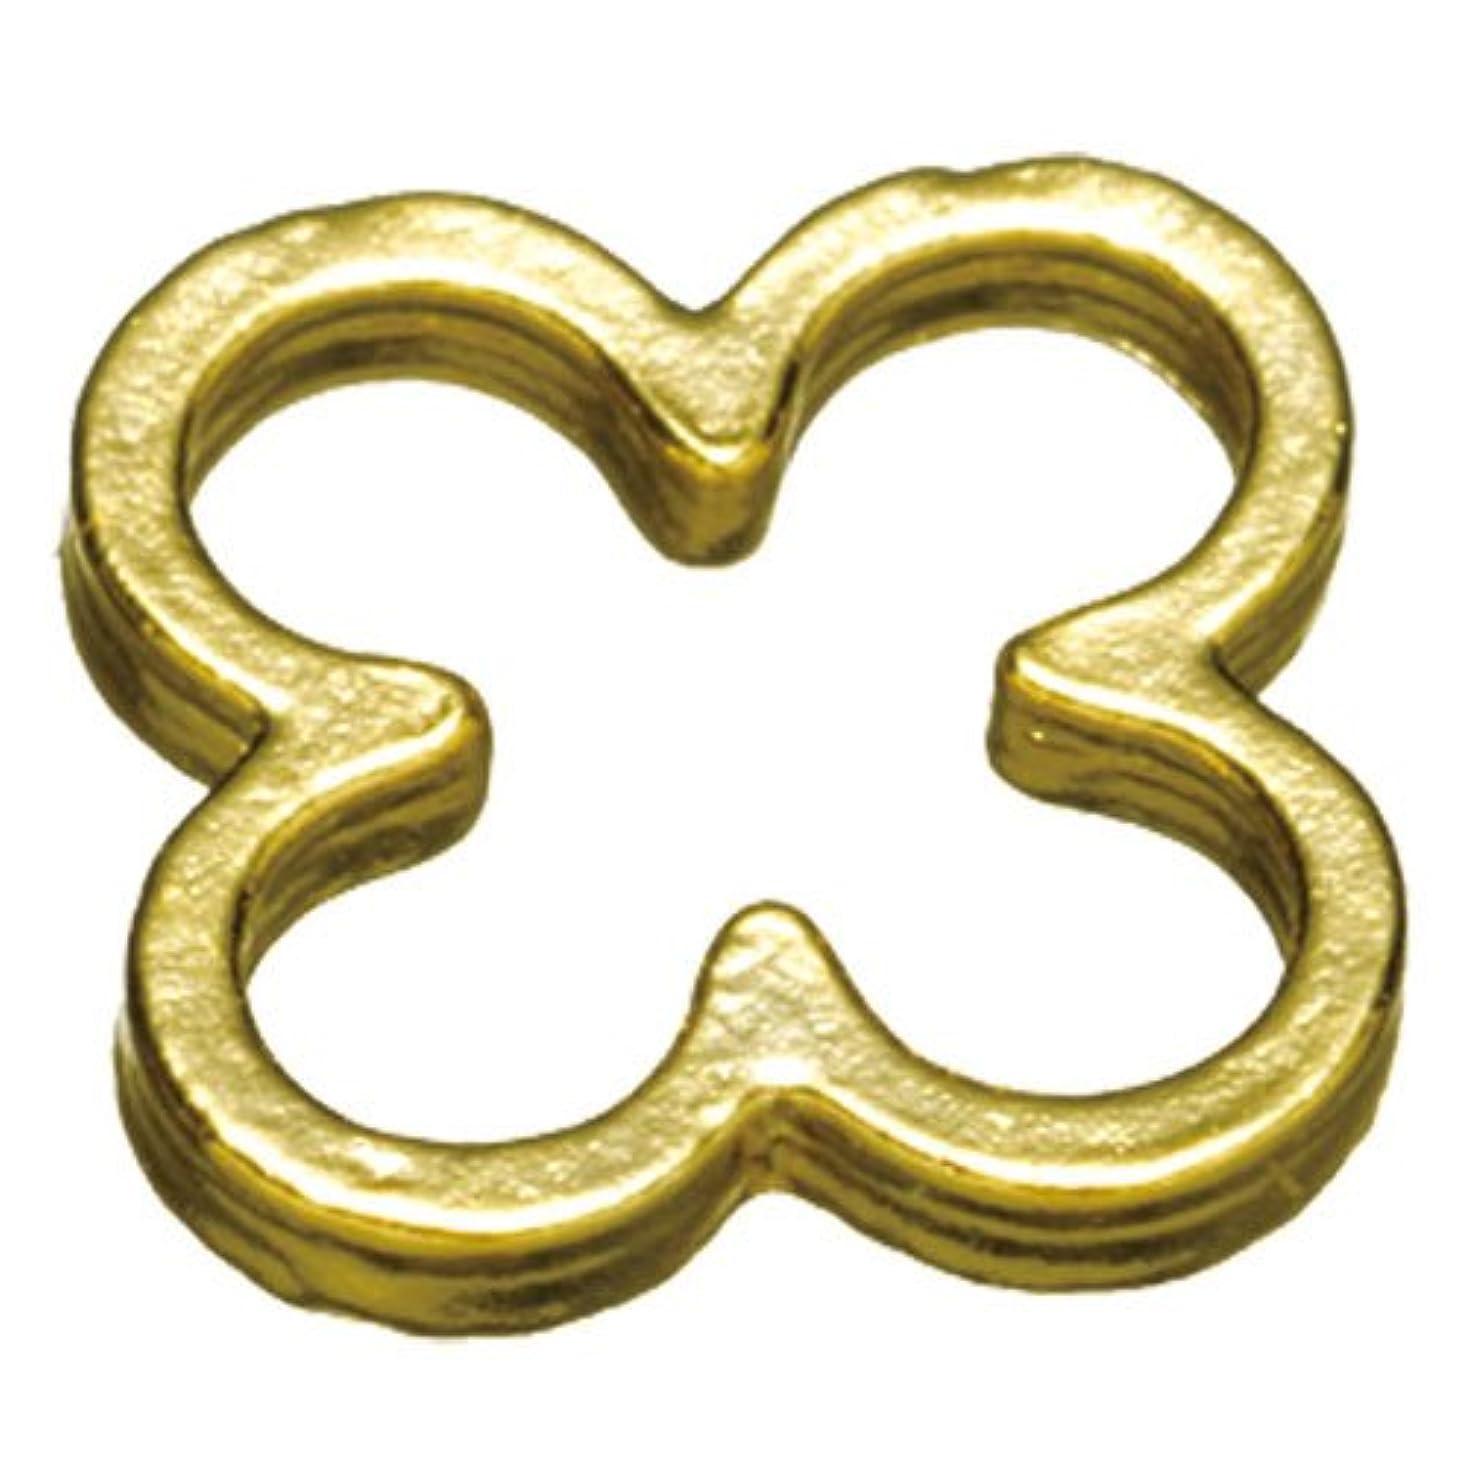 報酬のスピーカー再現するプリティーネイル ネイルアートパーツ プレーンフラワーL ゴールド  10個